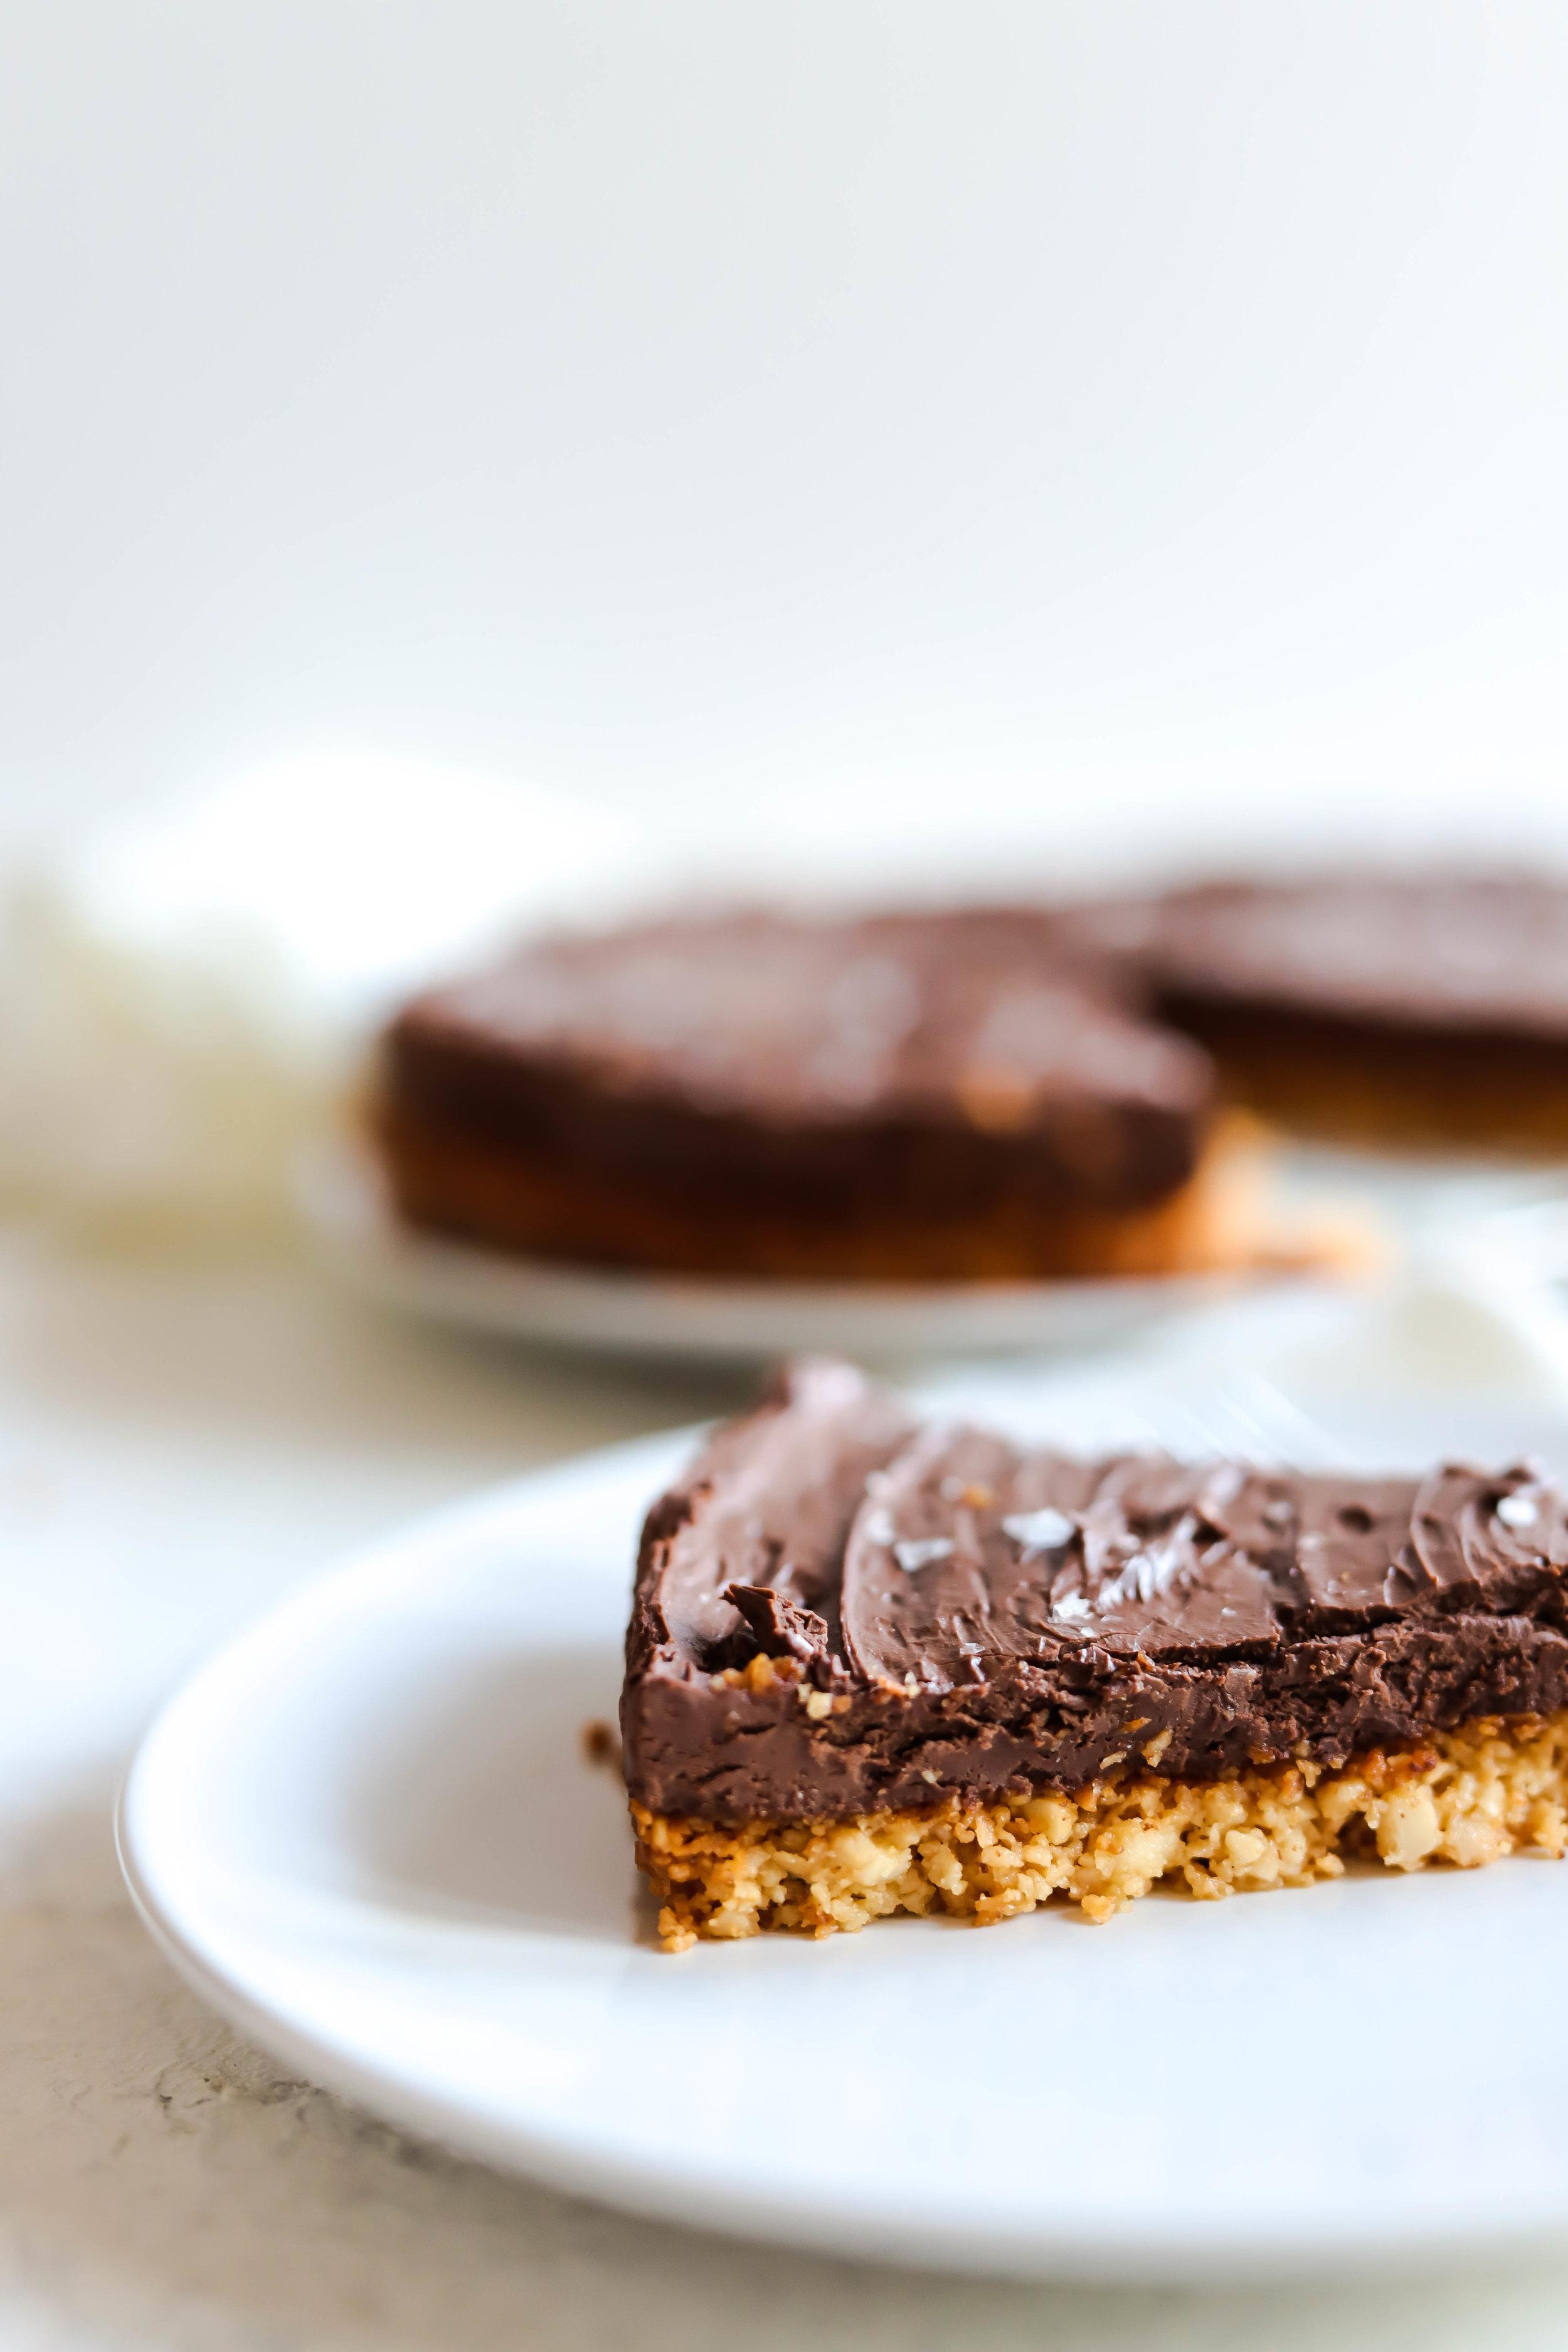 slice of gluten-free and vegan chocolate pie